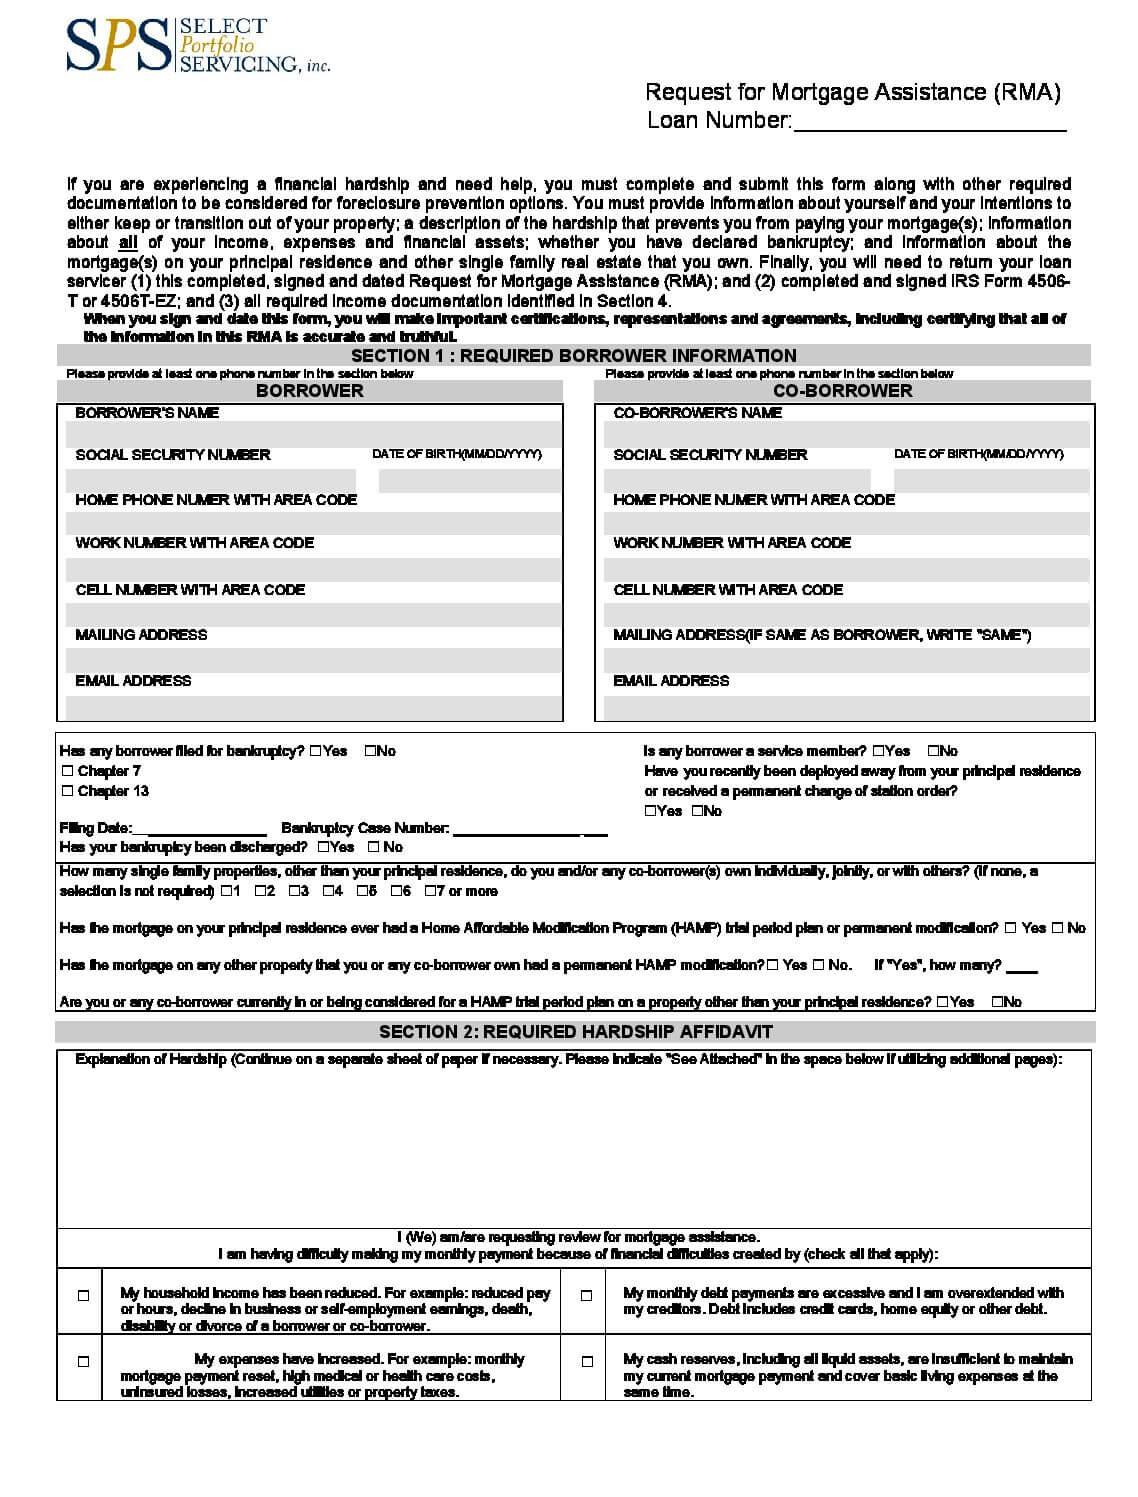 makinghomeaffordable gov form 4506 t - Solid.graphikworks.co